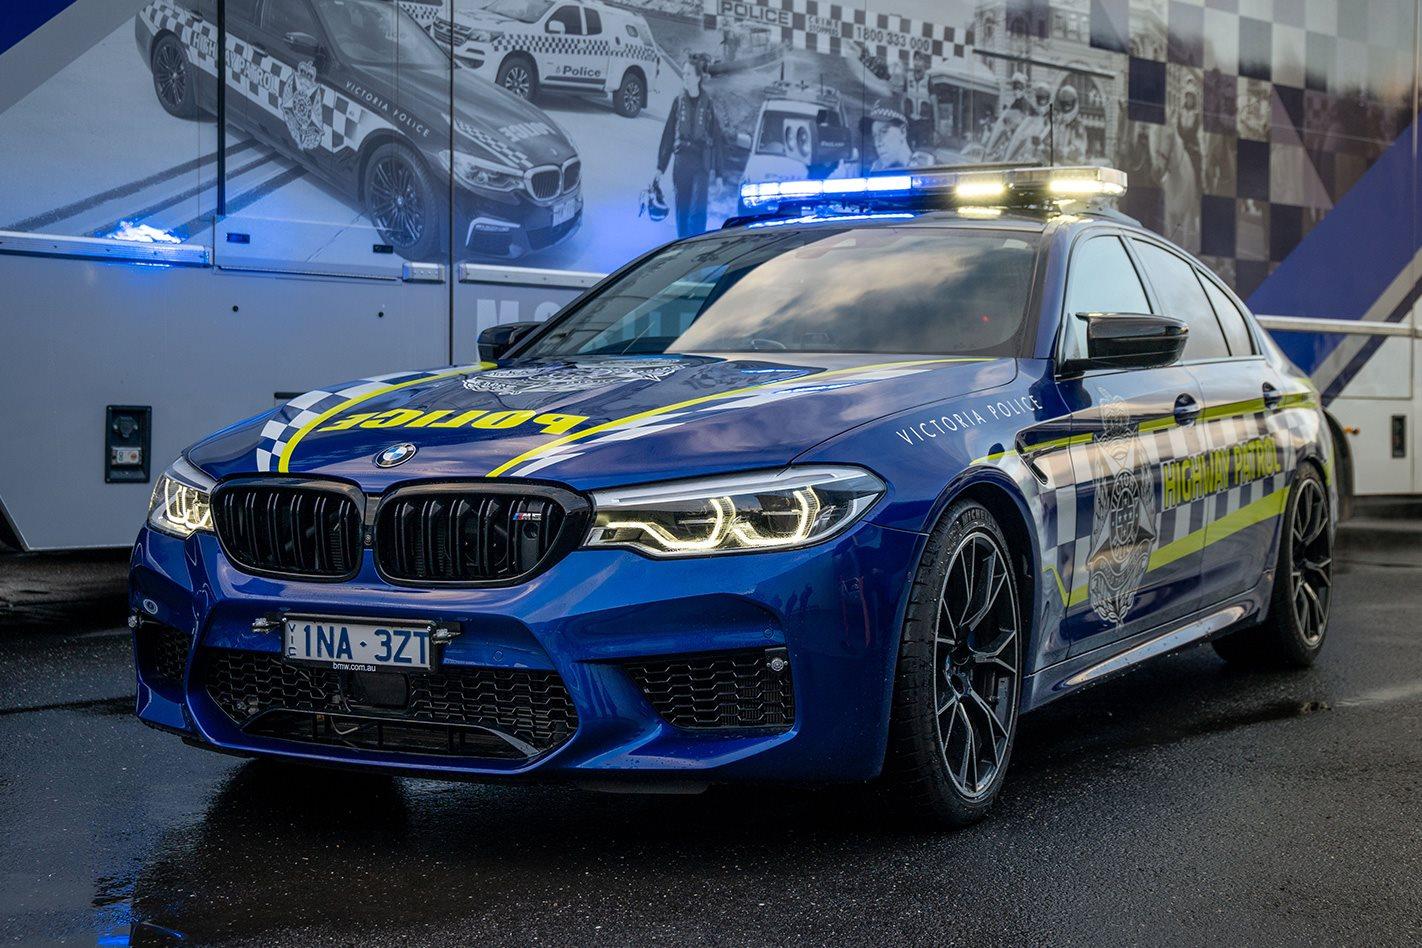 VicPol's new 460kW pursuit car